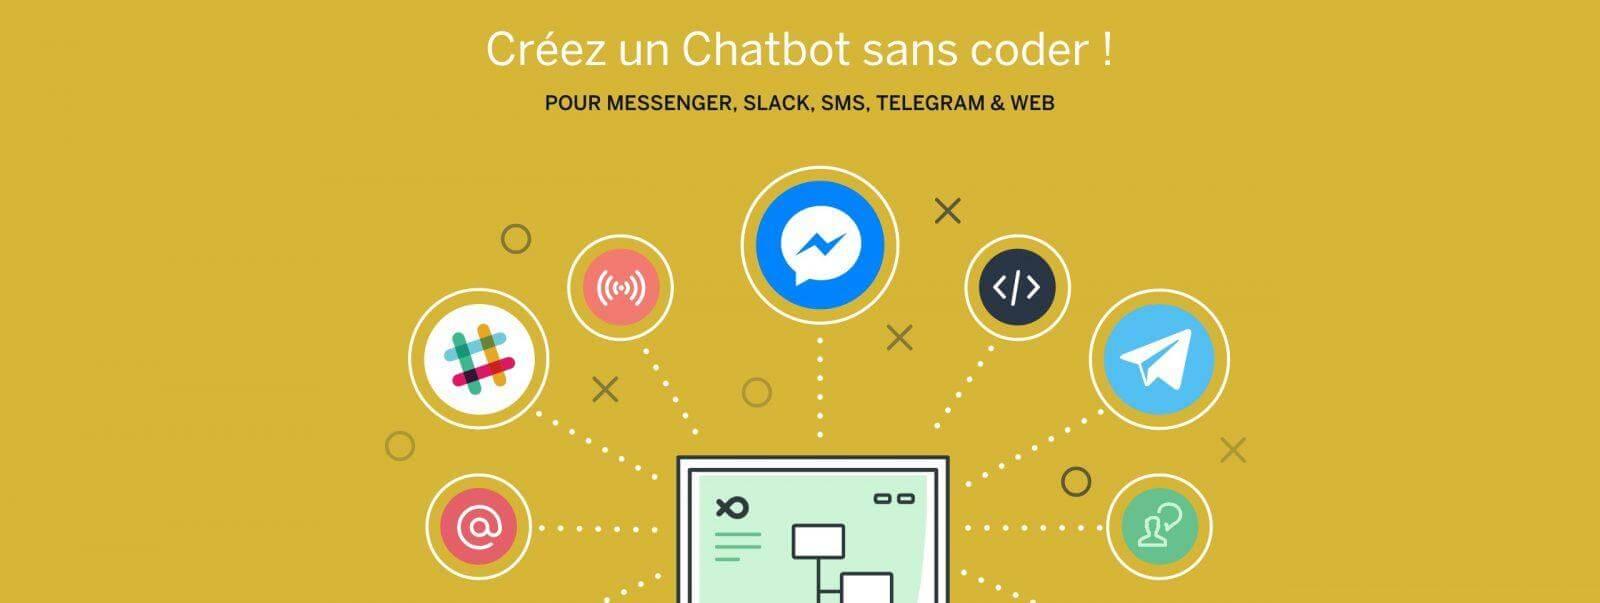 #Chatbot / Les meilleures plateformes pour créer un chatbot sans coder !